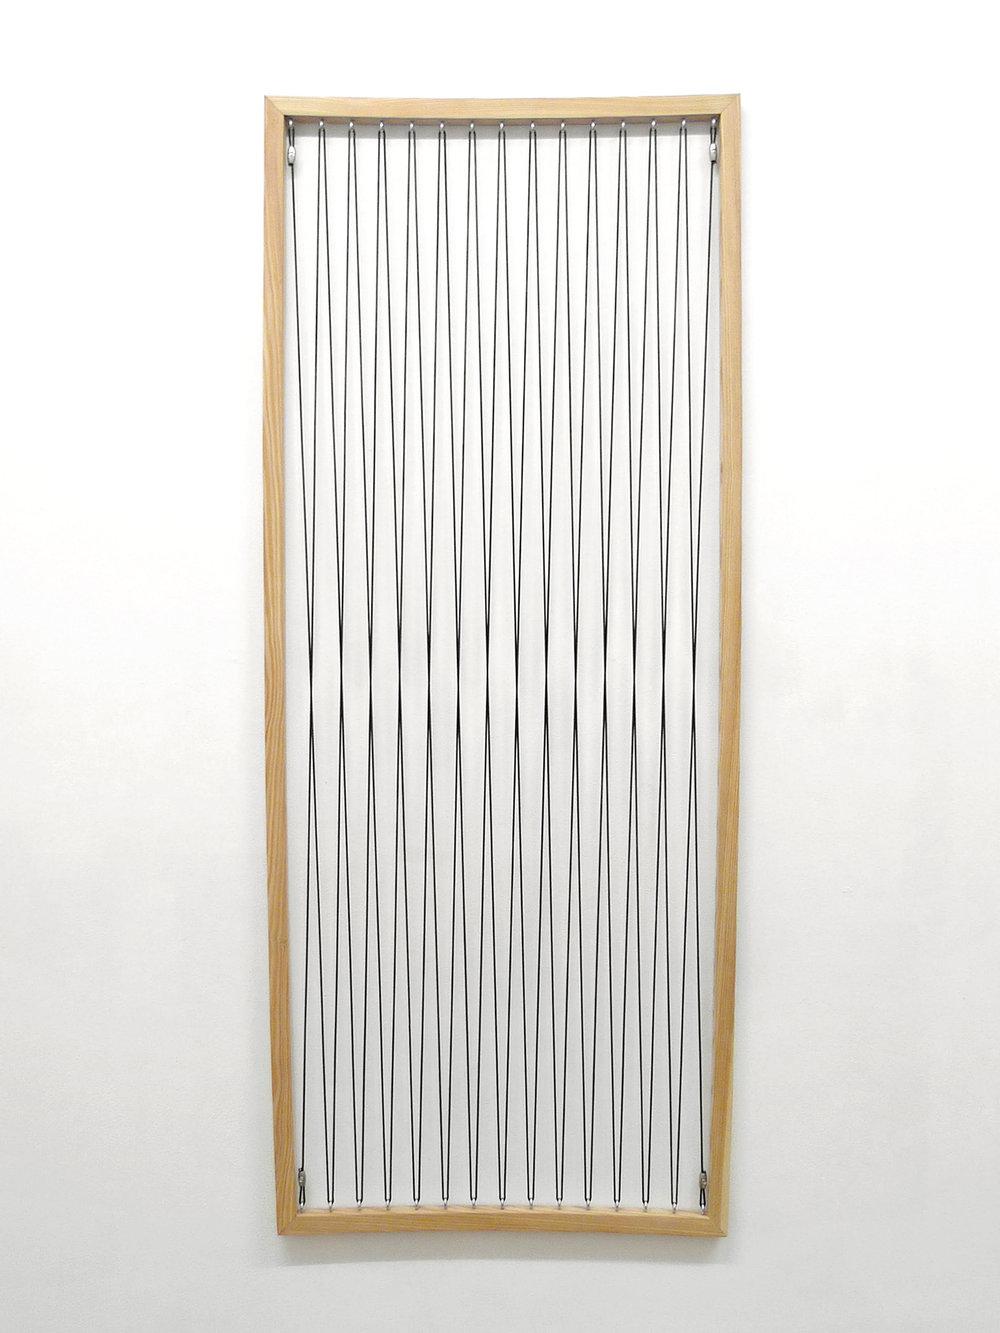 L'illusion de Hering , 2014, legno di larice, acciaio, elastico, 200 x 70 x 2 cm